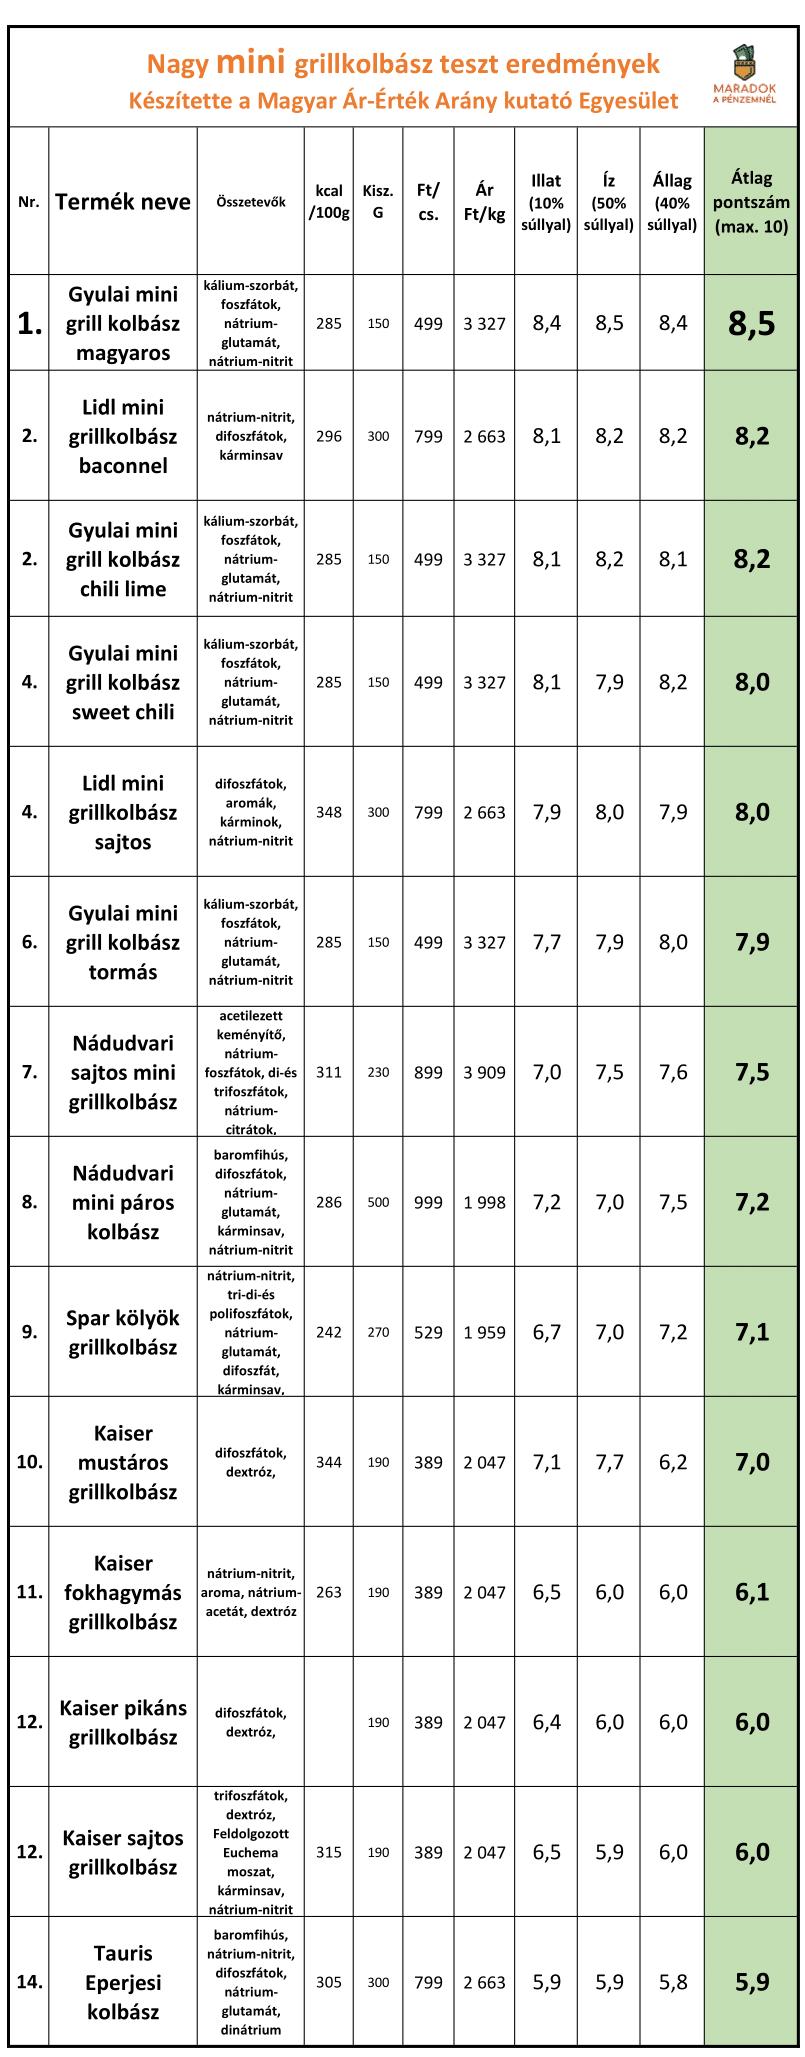 minigrill_kolbasz_teszt-1_3.png